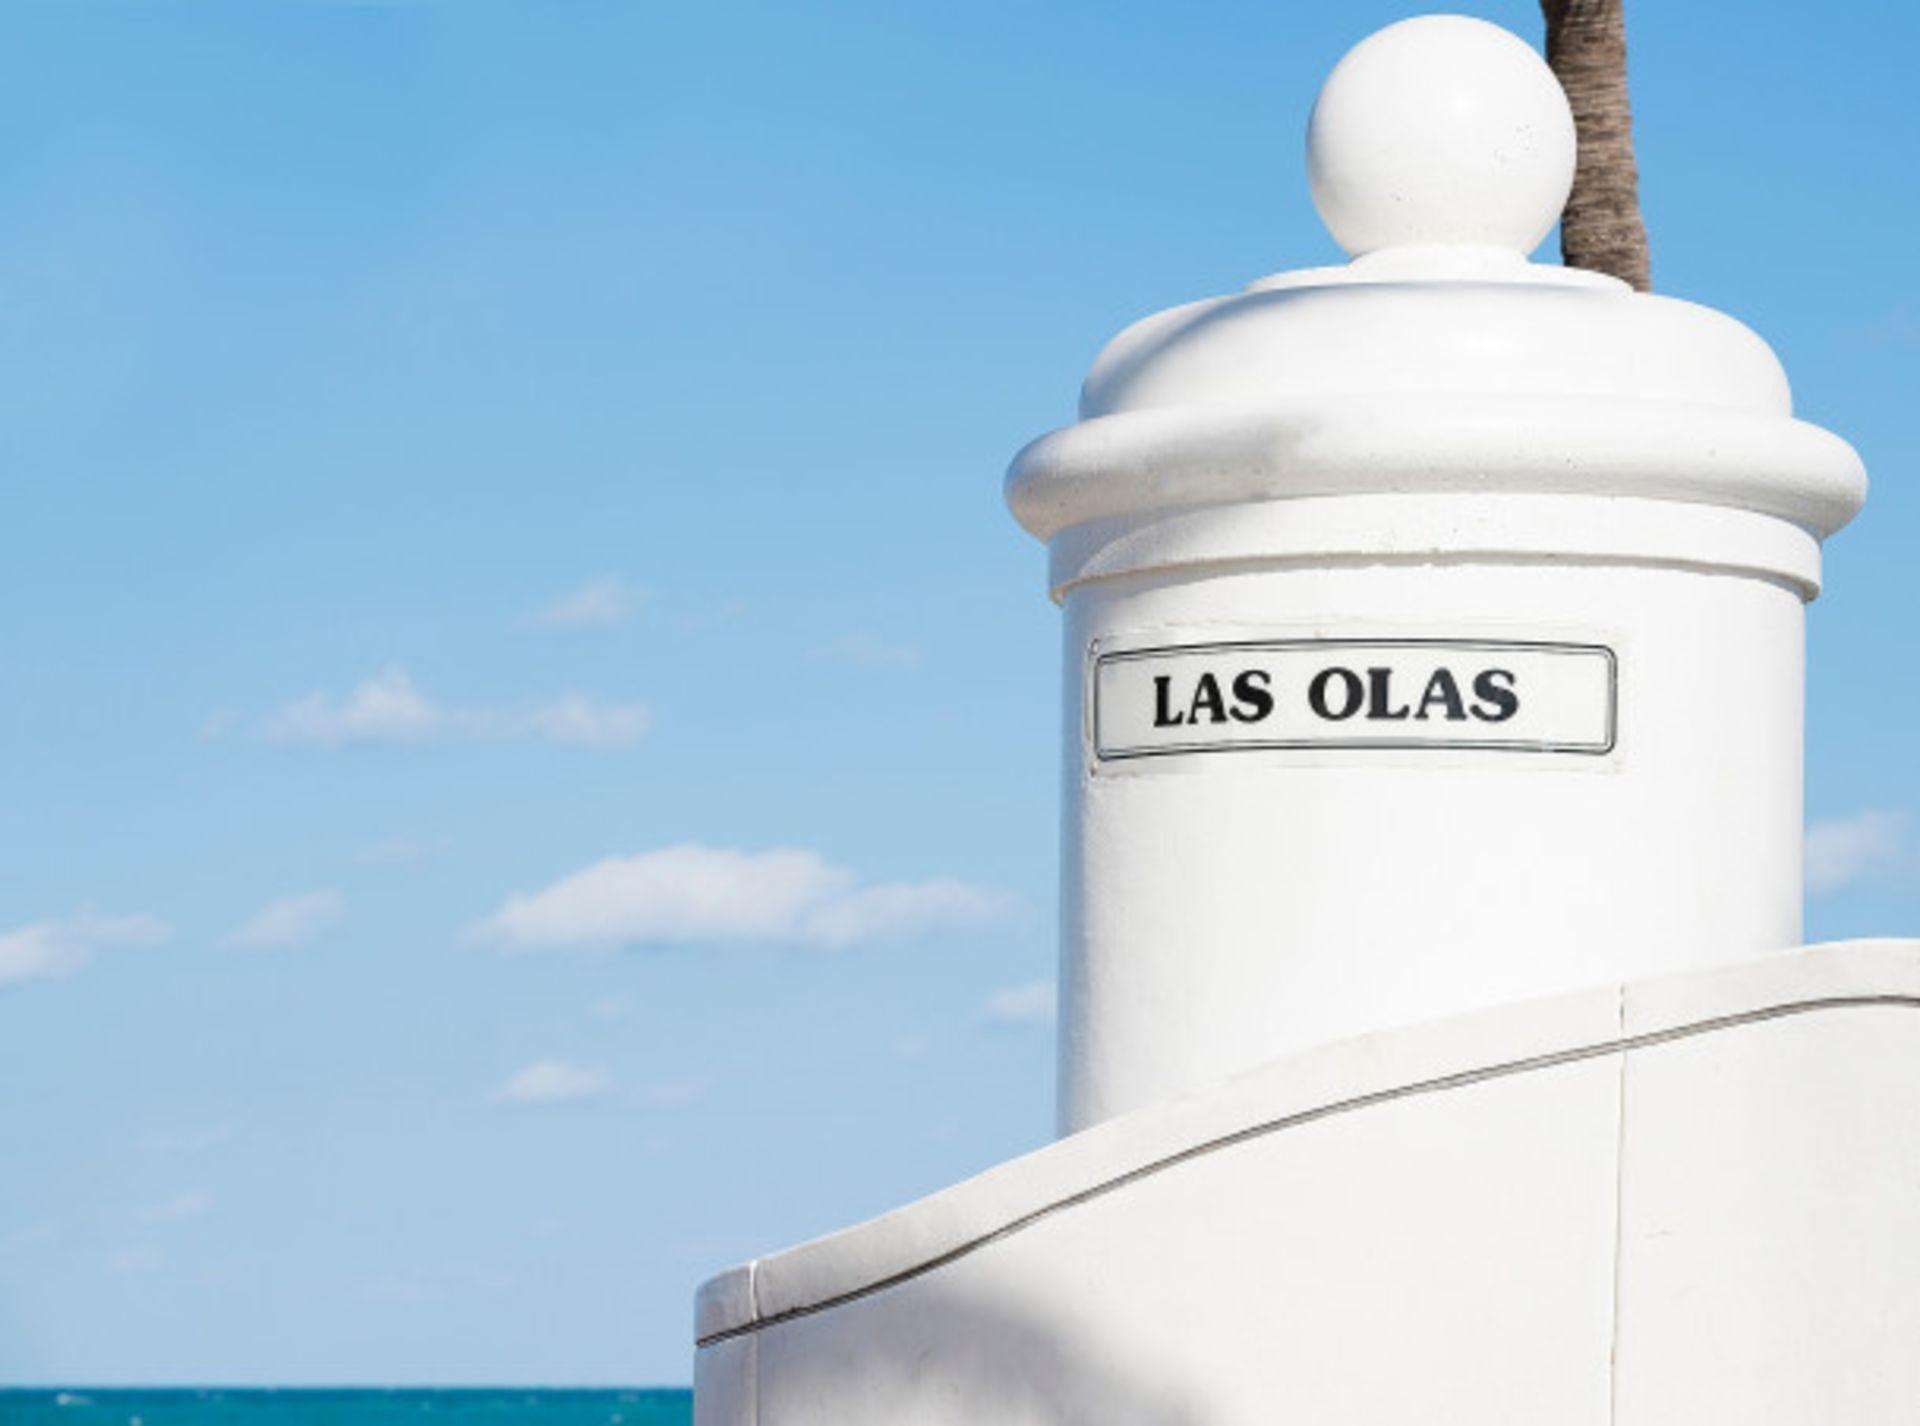 Las Olas by the Sea